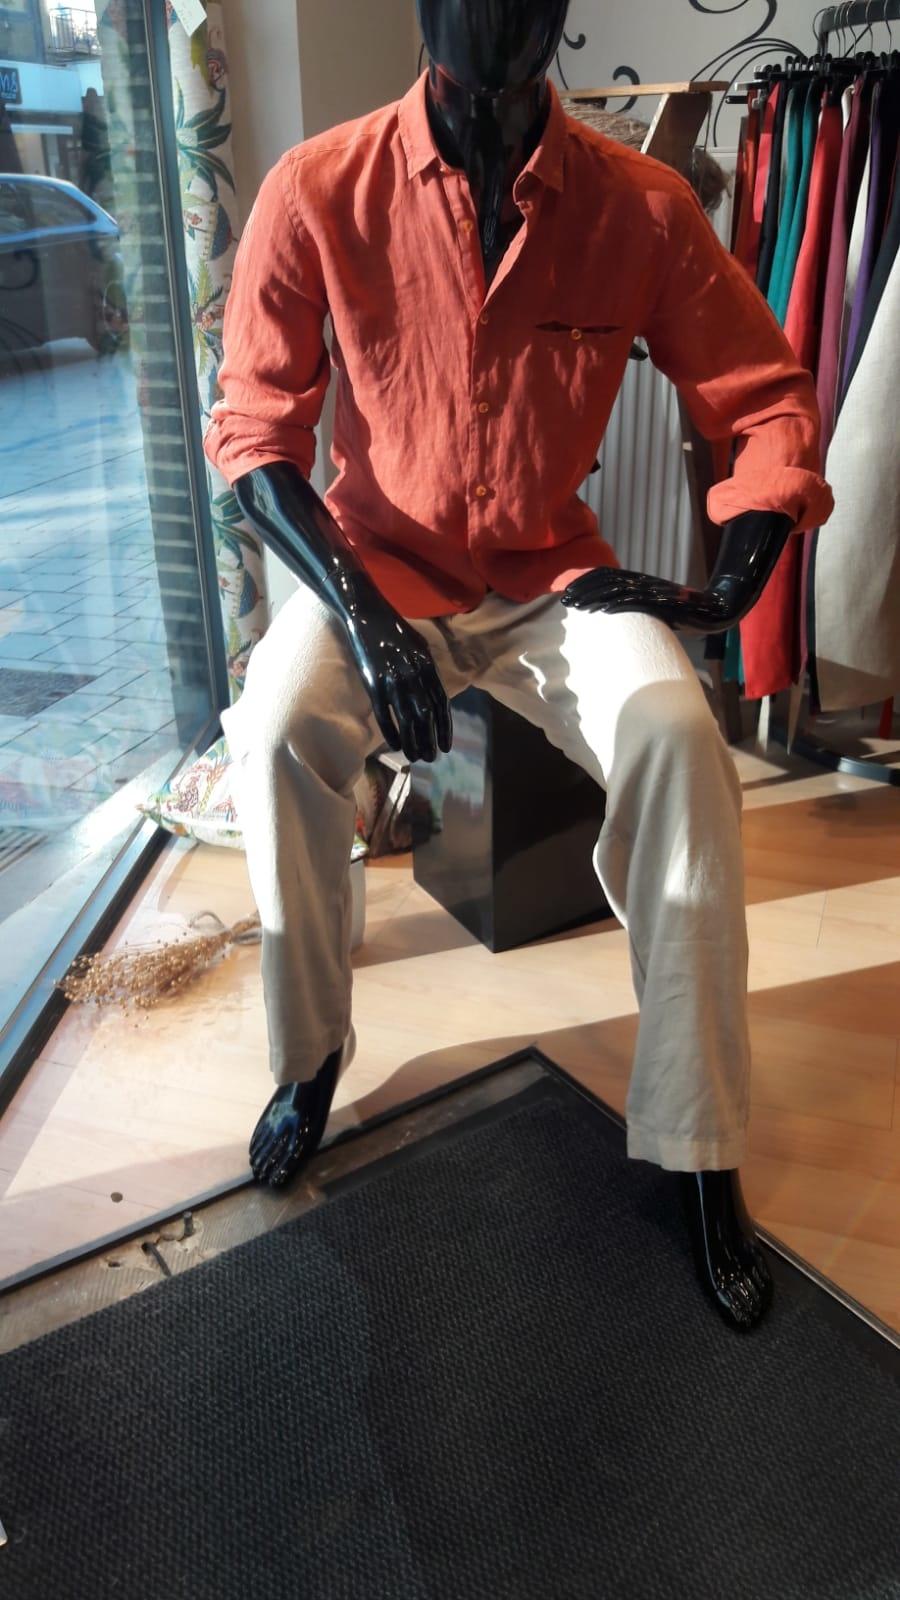 Le grenier du lin Men's trousers in beige linen